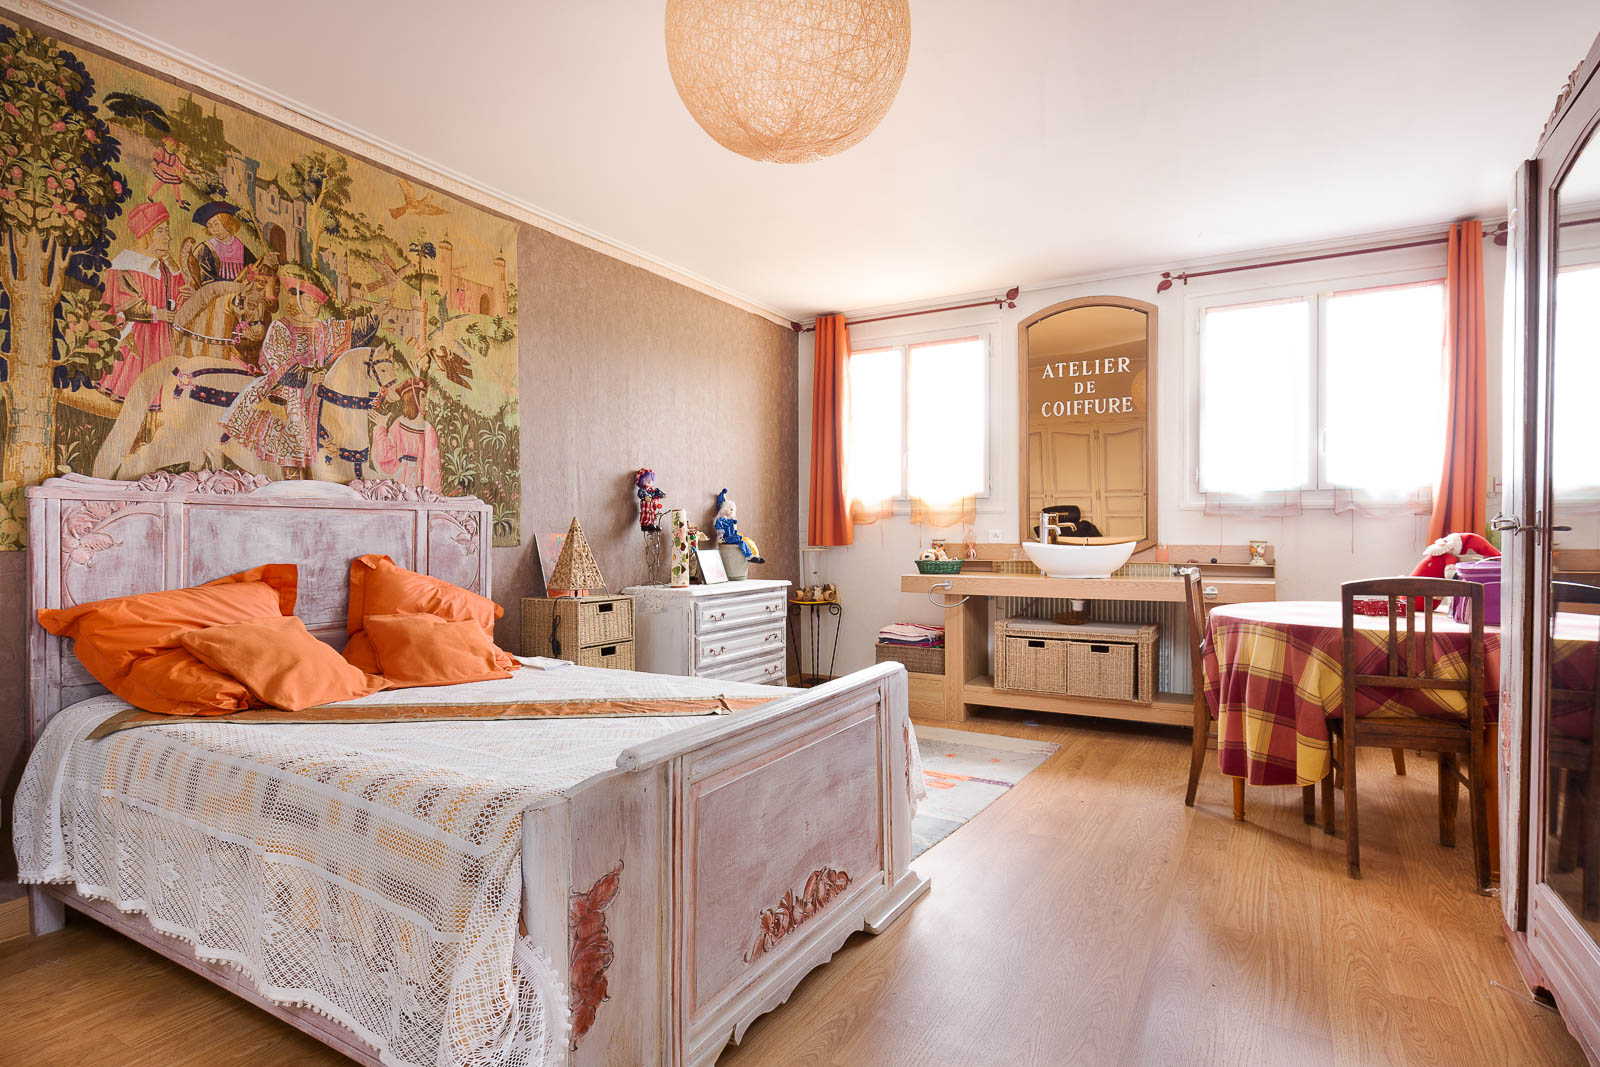 Immobilier - ©Yohan Boniface Photographe - Mariage Portraits Immobilier Entreprises Clermont Ferrand Auvergne France (36).jpg